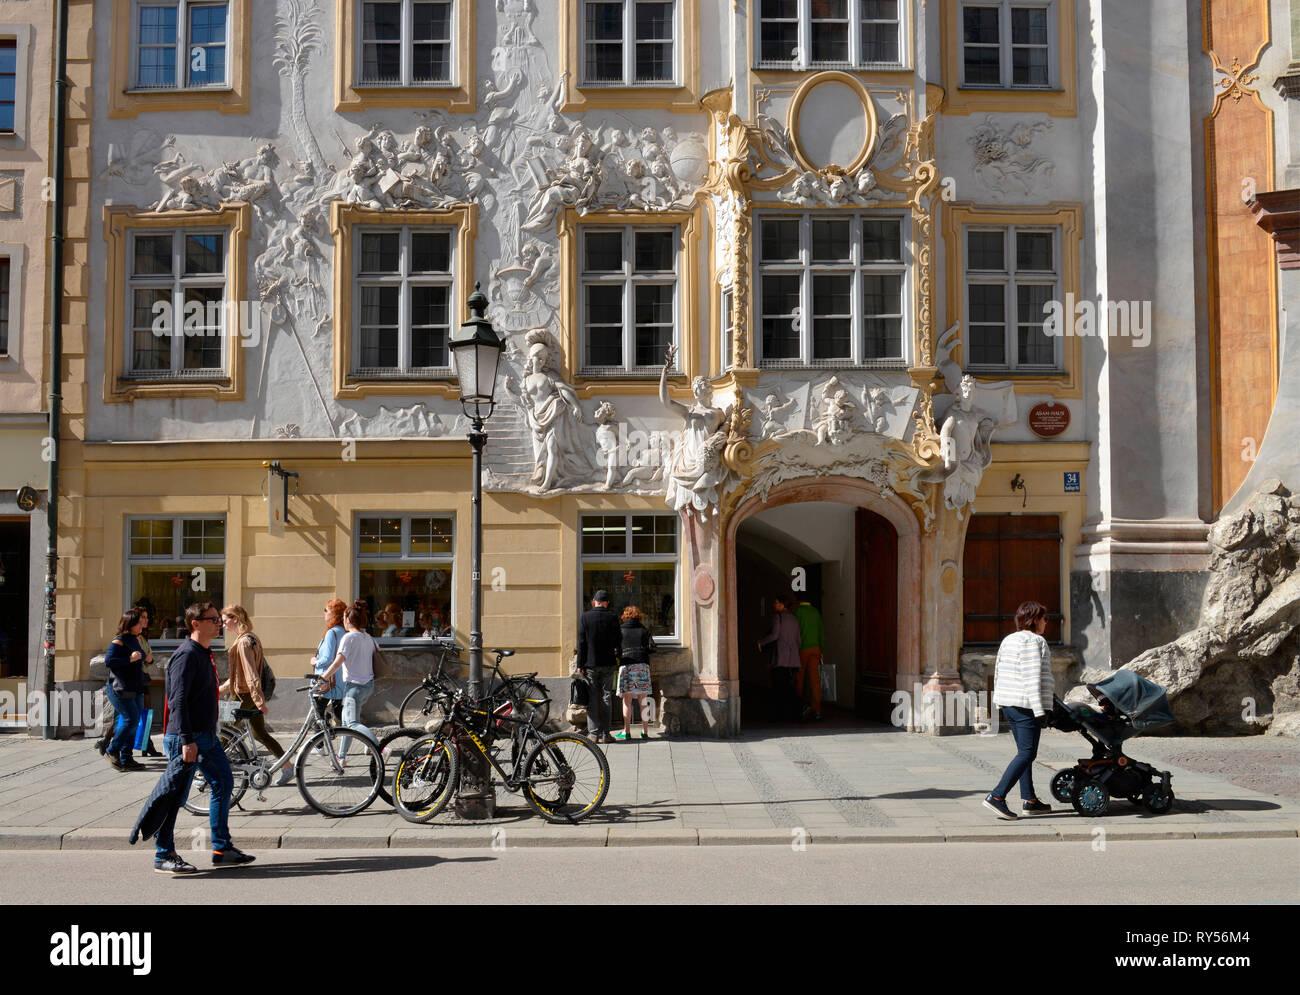 Asamhaus, Sendlinger Strasse, Muenchen, Bayern, Deutschland - Stock Image